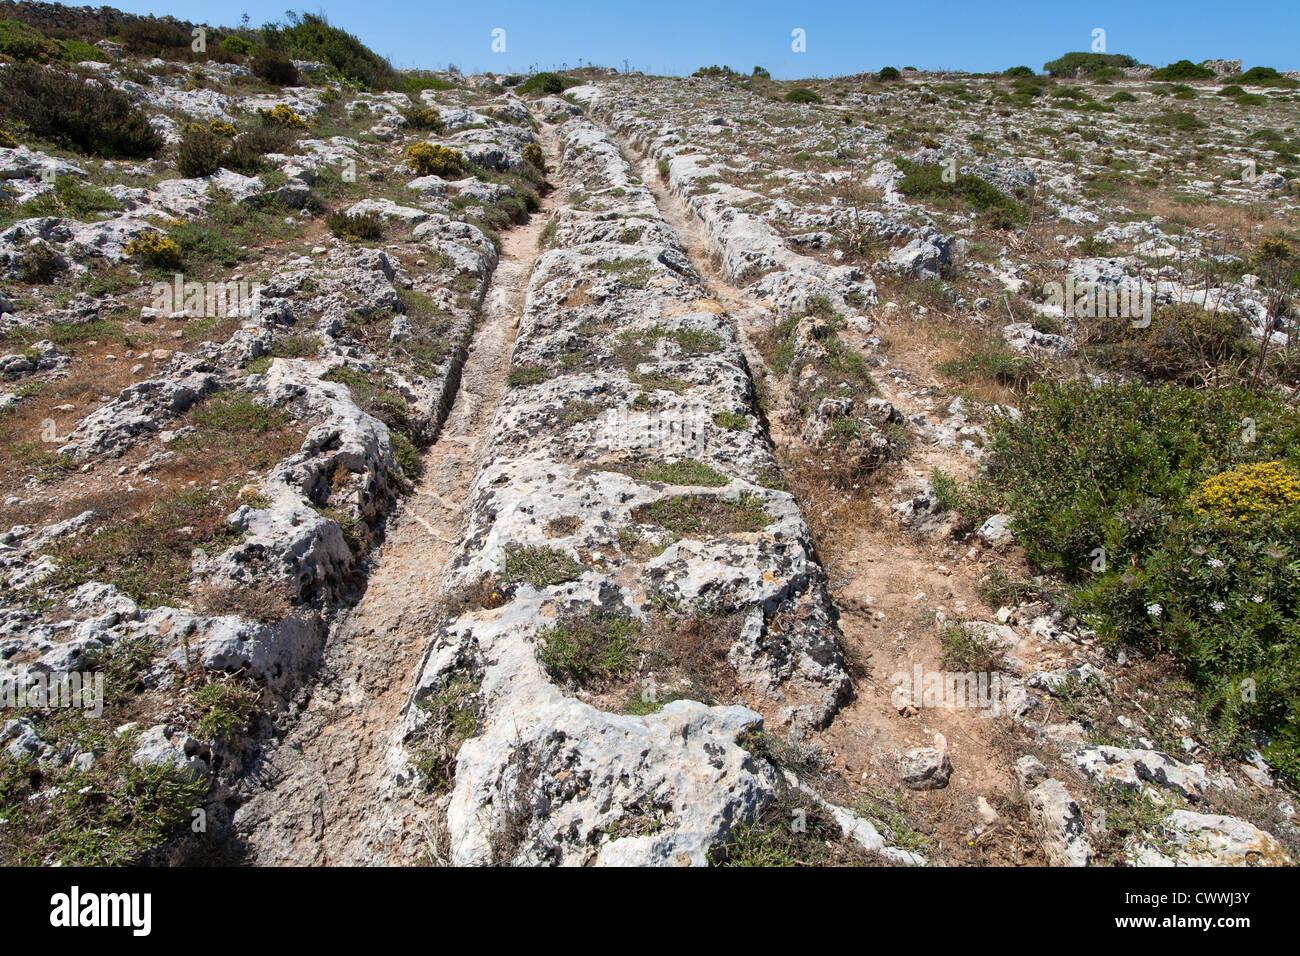 El misterioso carrito roderas en Clapham Junction, Isla de Malta, el Mar Mediterráneo Foto de stock